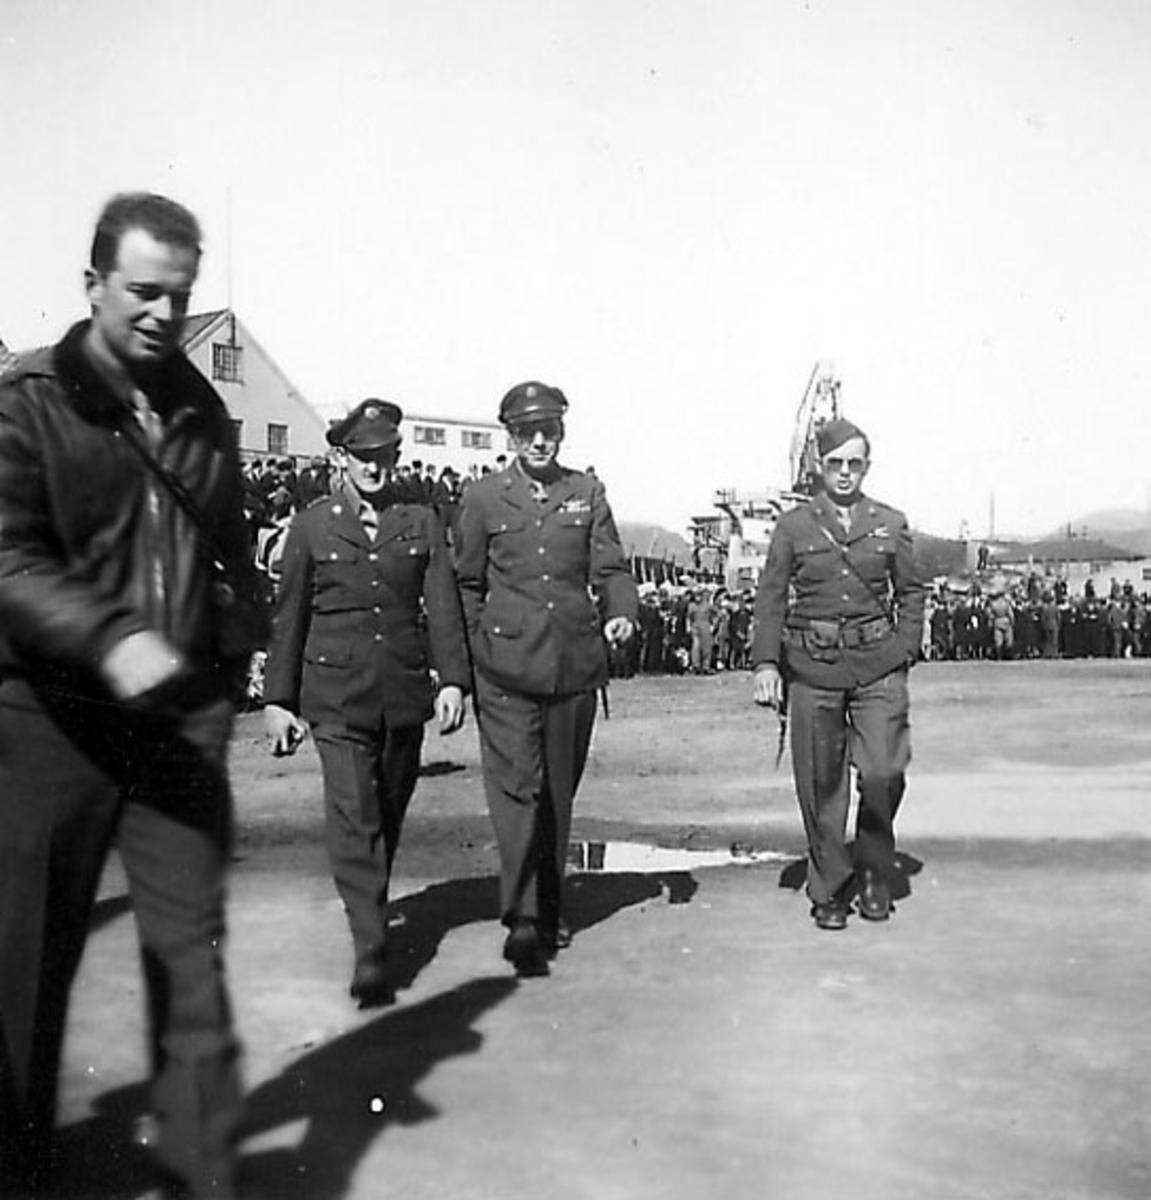 Frigjøringsdagene i Bodø etter krigen 1940 - 1945. Åpen plass, militære og sivile personer samlet. Kullkranen til Jakhelln bak.